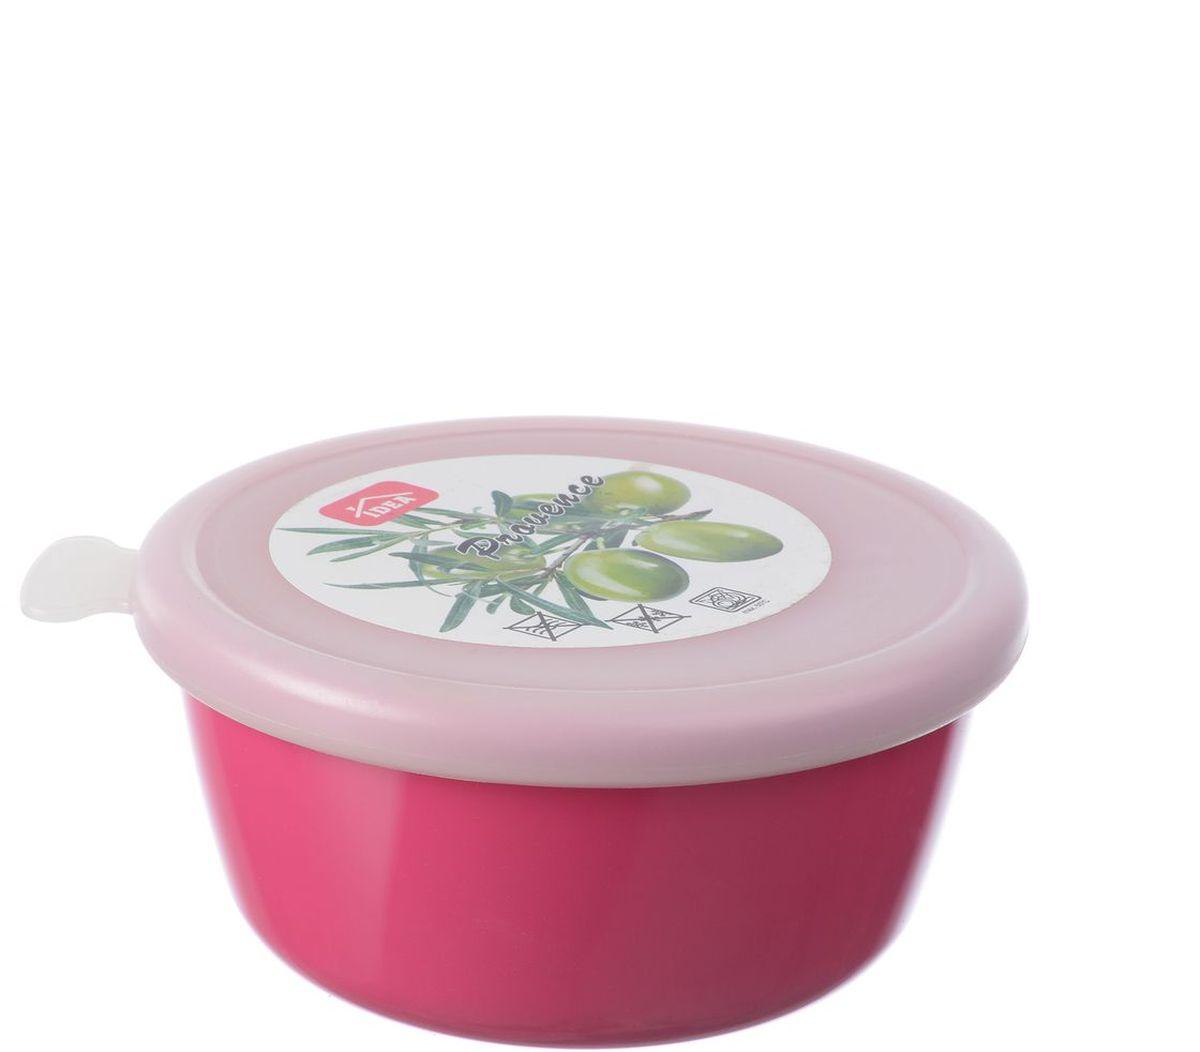 Миска Idea Прованс, с крышкой, цвет: малиновый, 350 млМ 1380Миска круглой формы Idea Прованс изготовлена из высококачественного пищевого пластика. Изделие очень функциональное, оно пригодится на кухне для самых разнообразных нужд: в качестве салатника, миски, тарелки. Герметичная крышка обеспечивает продуктам долгий срок хранения.Диаметр миски: 11,5 см.Высота миски: 5,5 см.